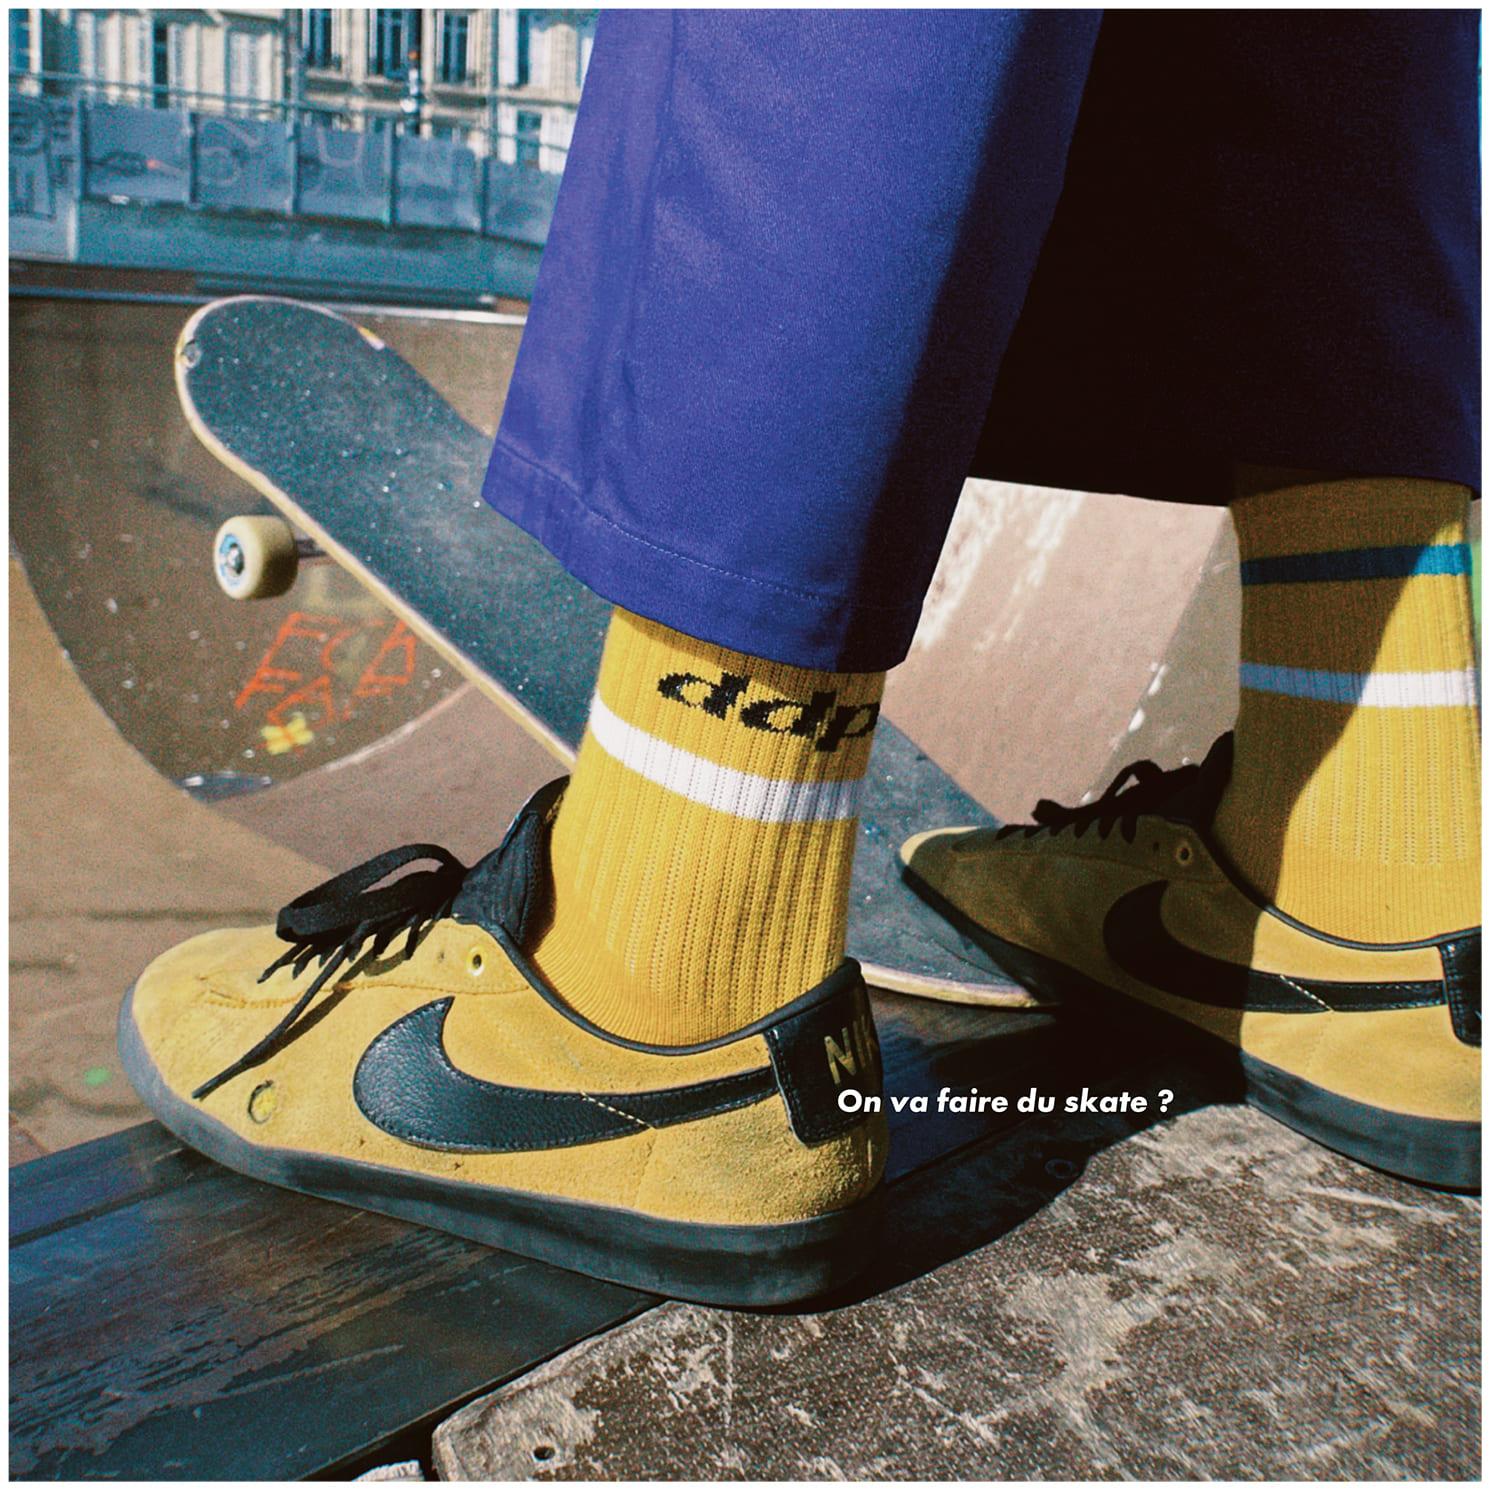 ddpメインビジュアル3